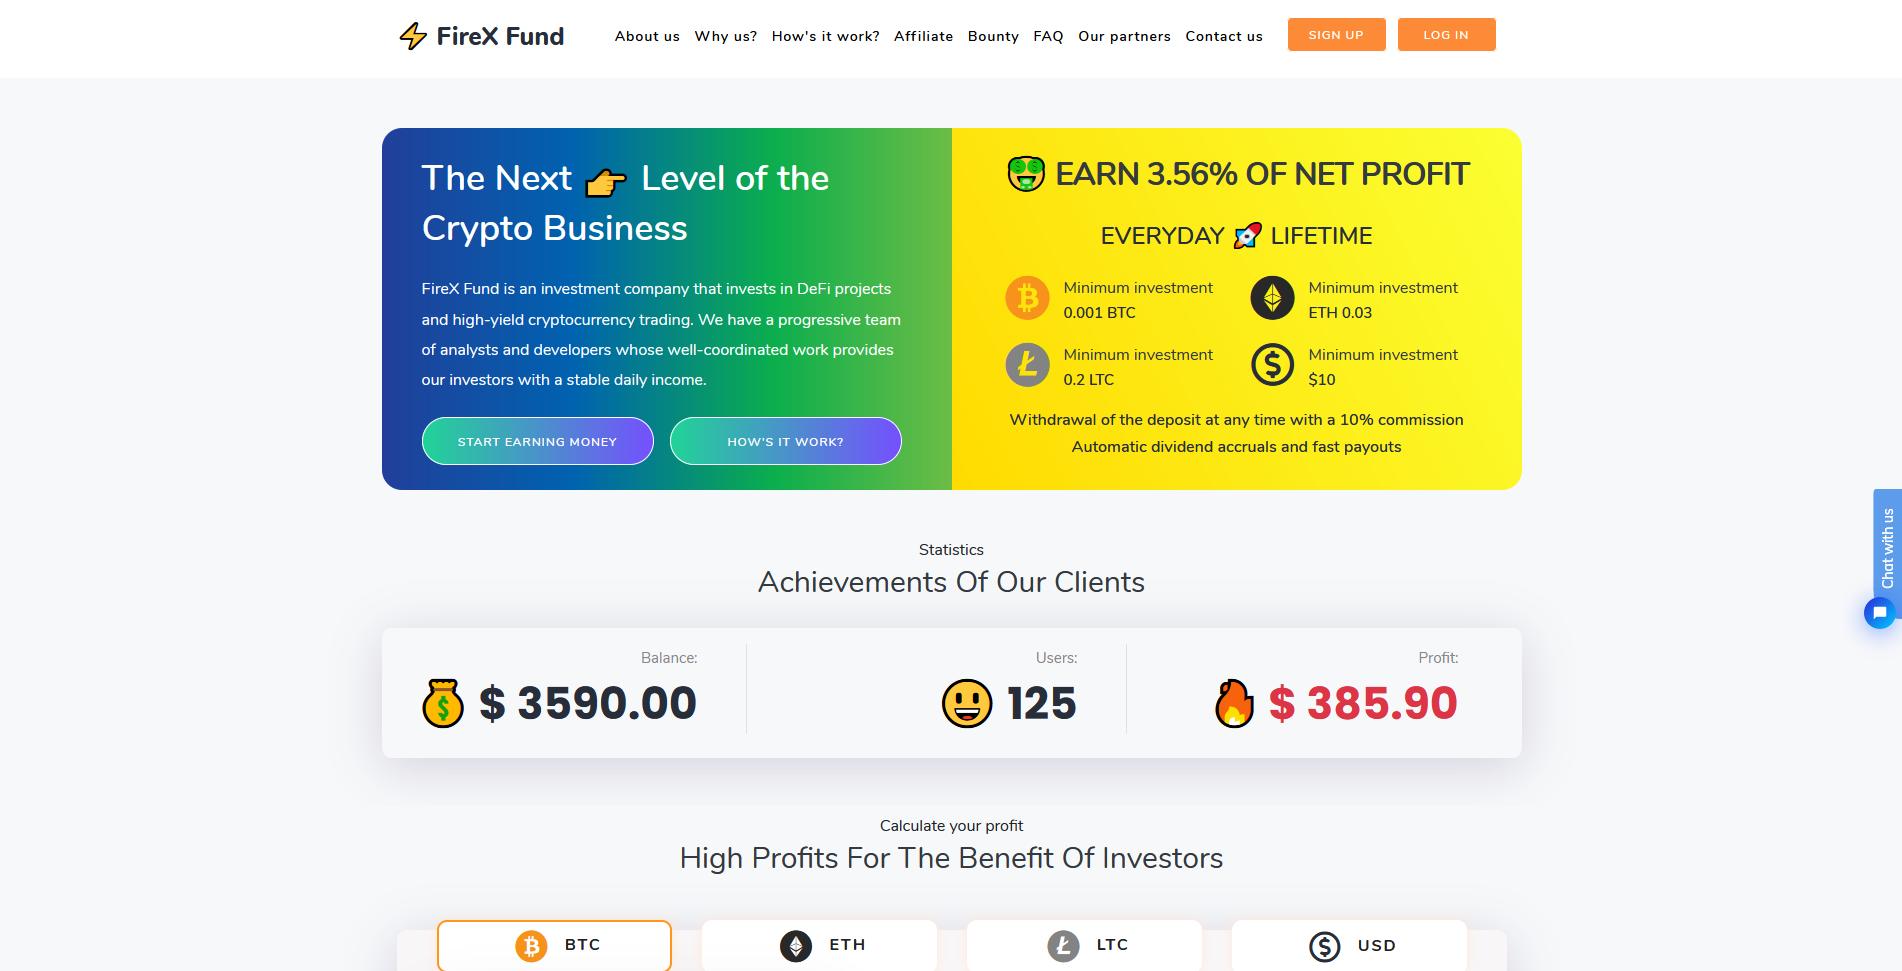 FireX Fund - firex.fund